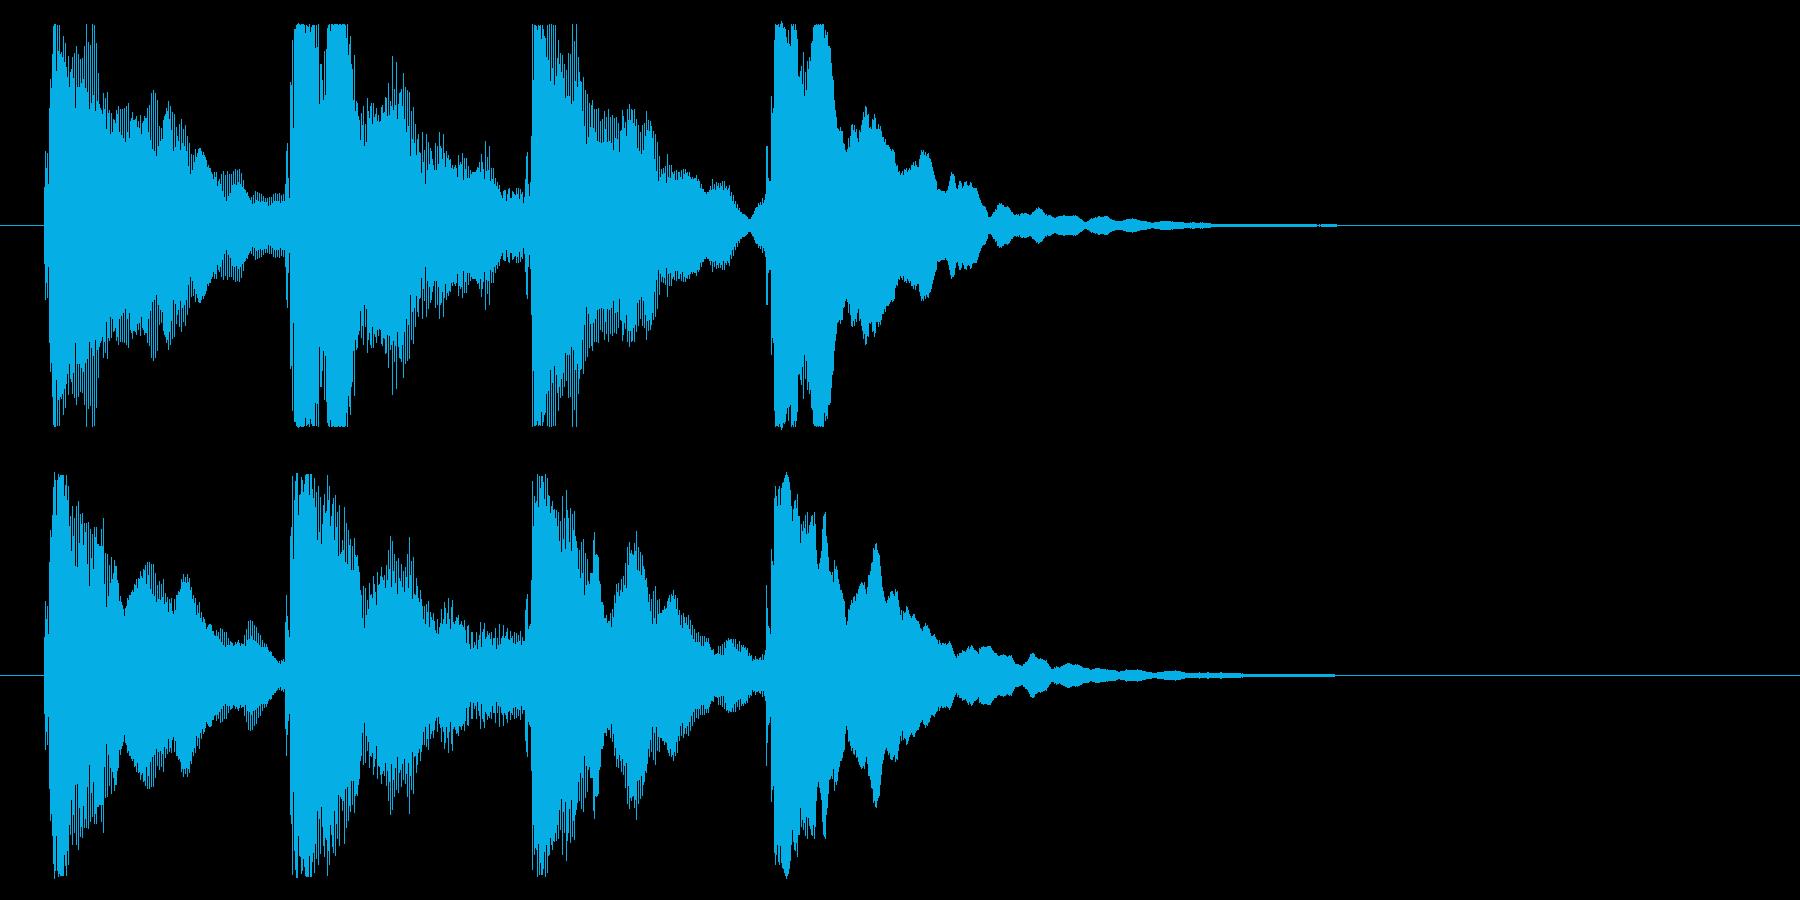 ゴージャスなピンポンパンポン、開始用の再生済みの波形